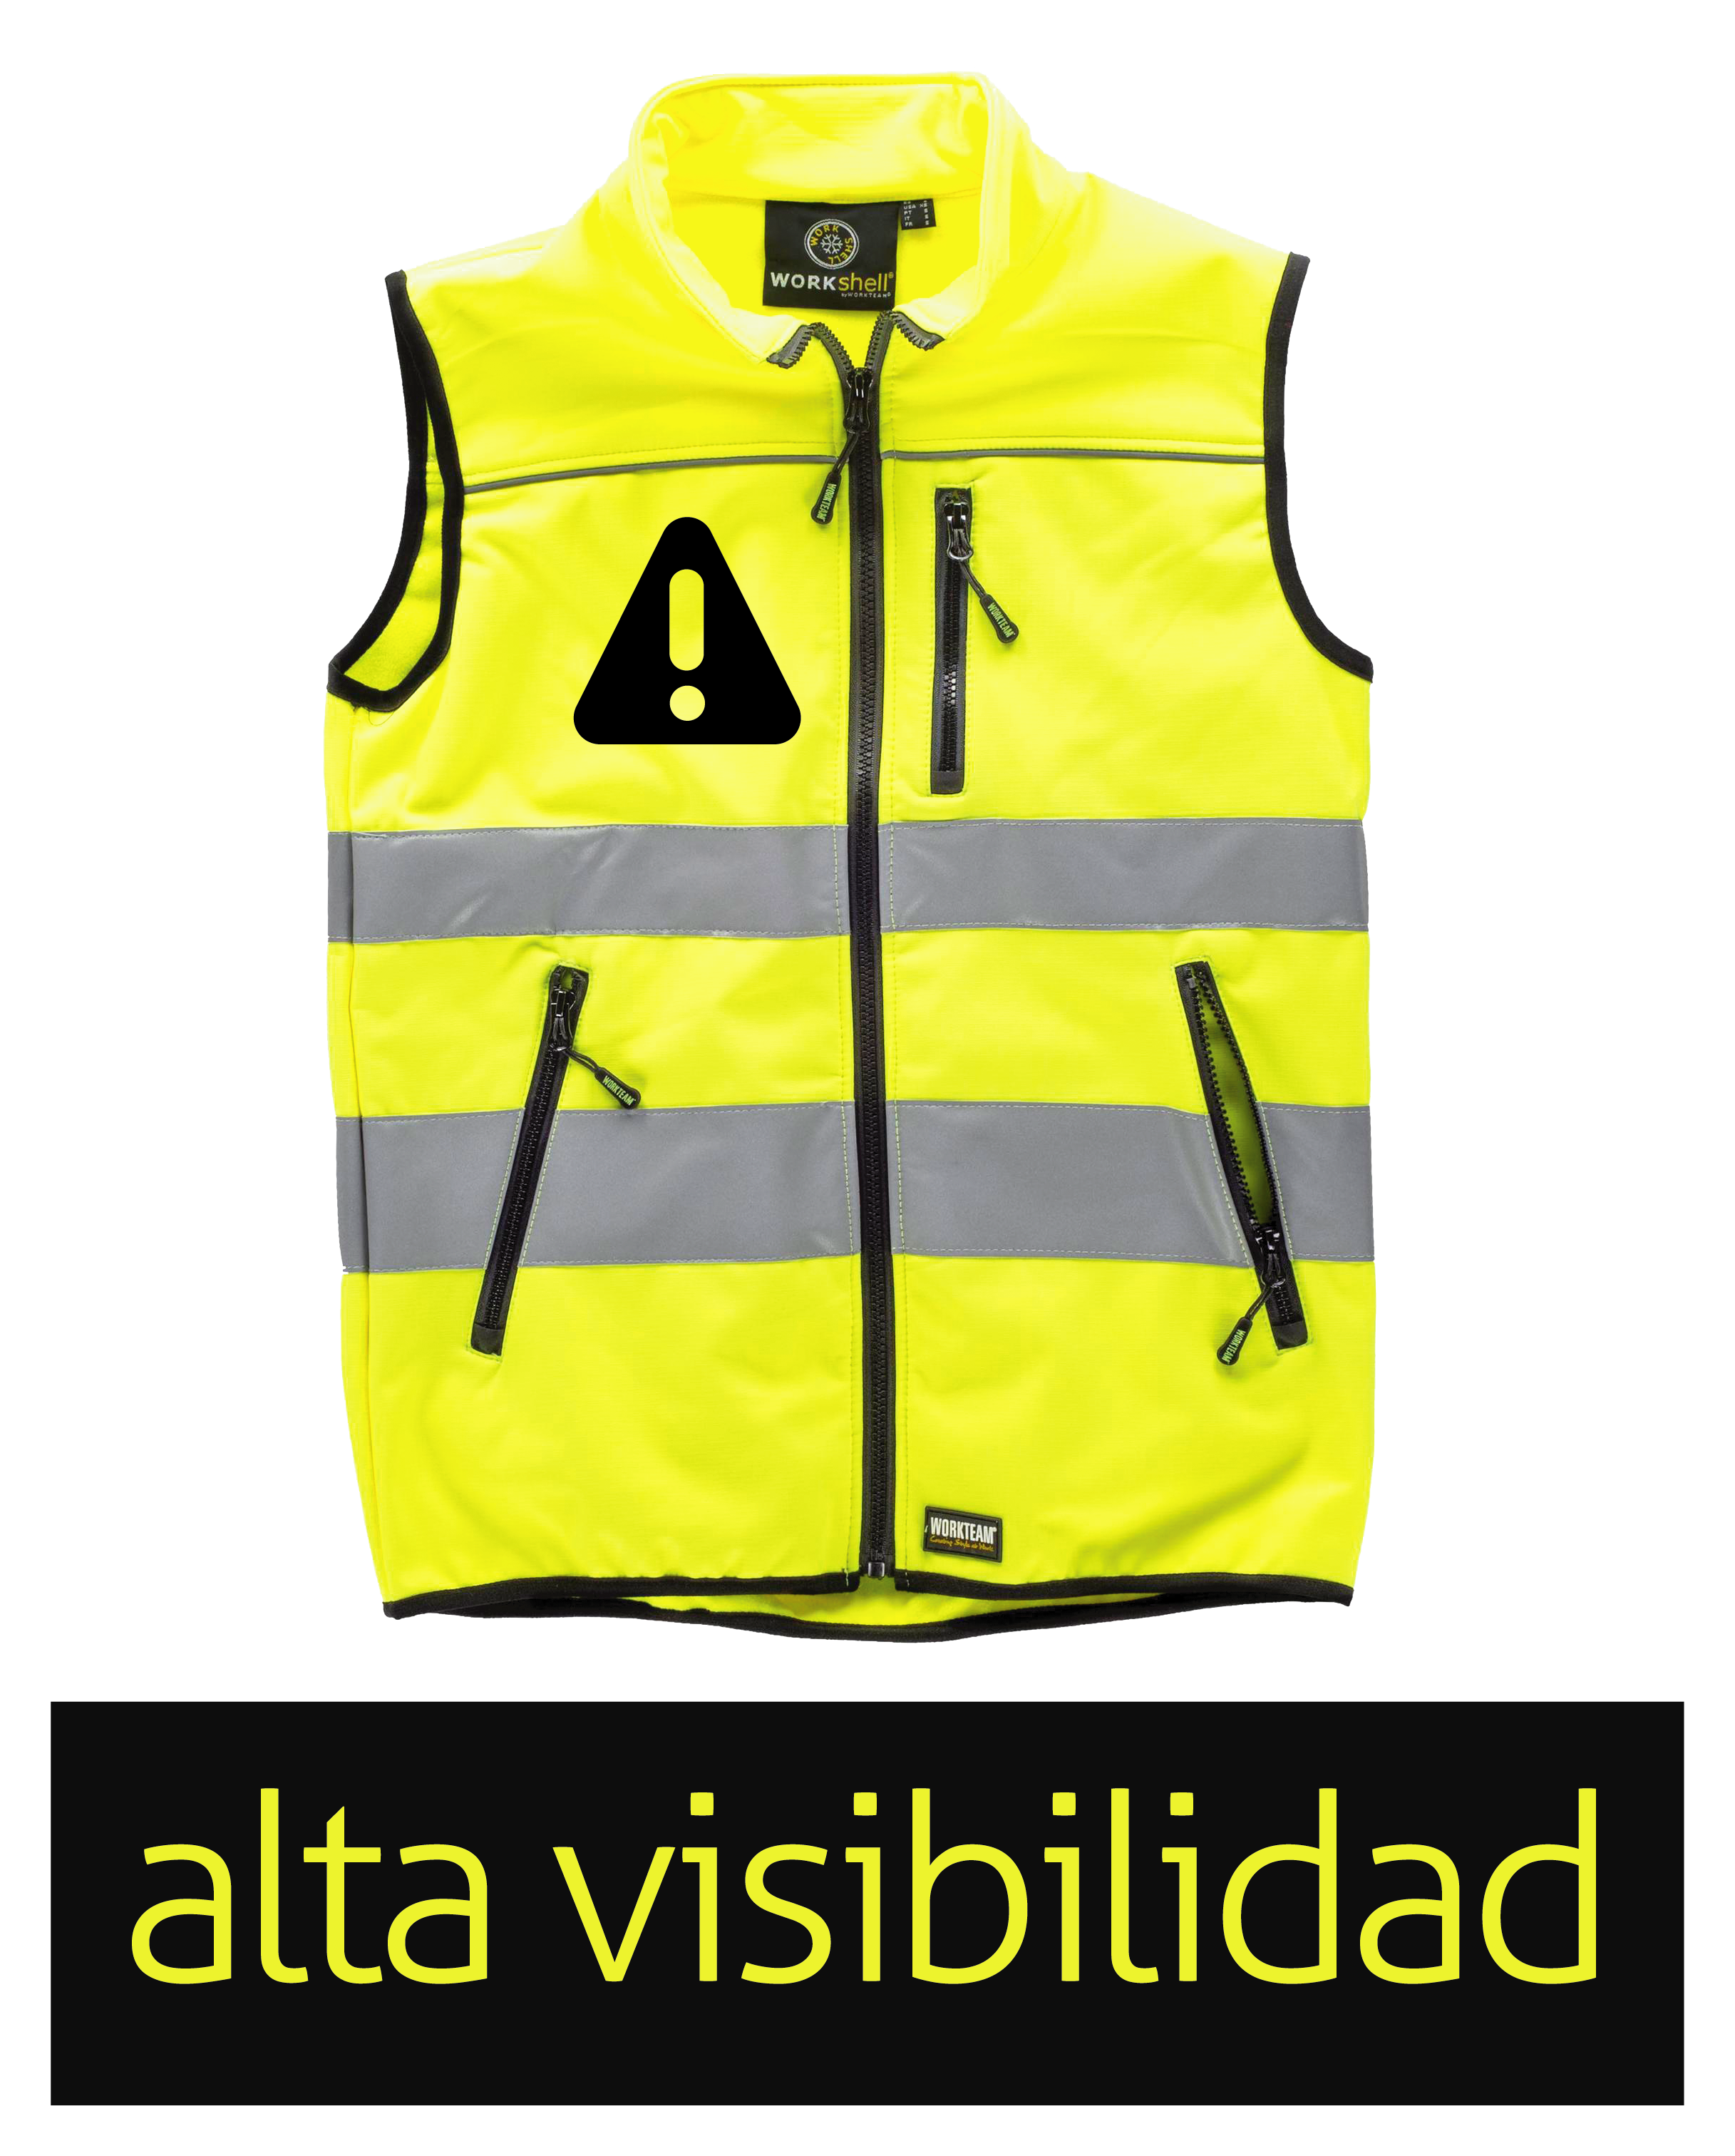 ALTA%20VISIBILIDAD.png